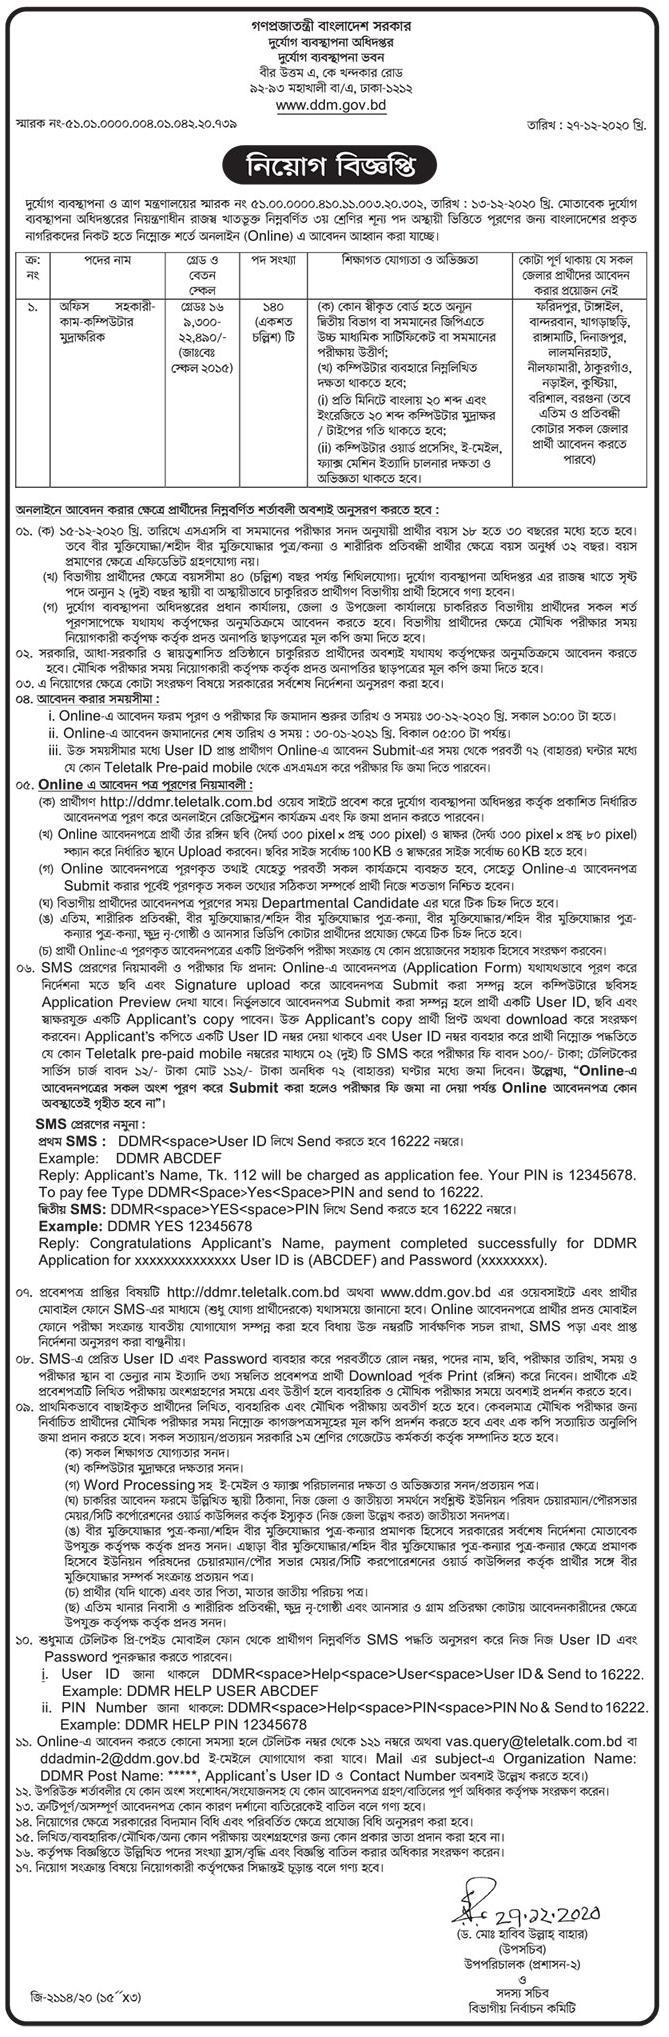 দুর্যোগ ব্যবস্থাপনা অধিদপ্তর নিয়োগ বিজ্ঞপ্তি  ২০২১ Department of Disaster Management Recruitment Circular DDM Job circular 2021